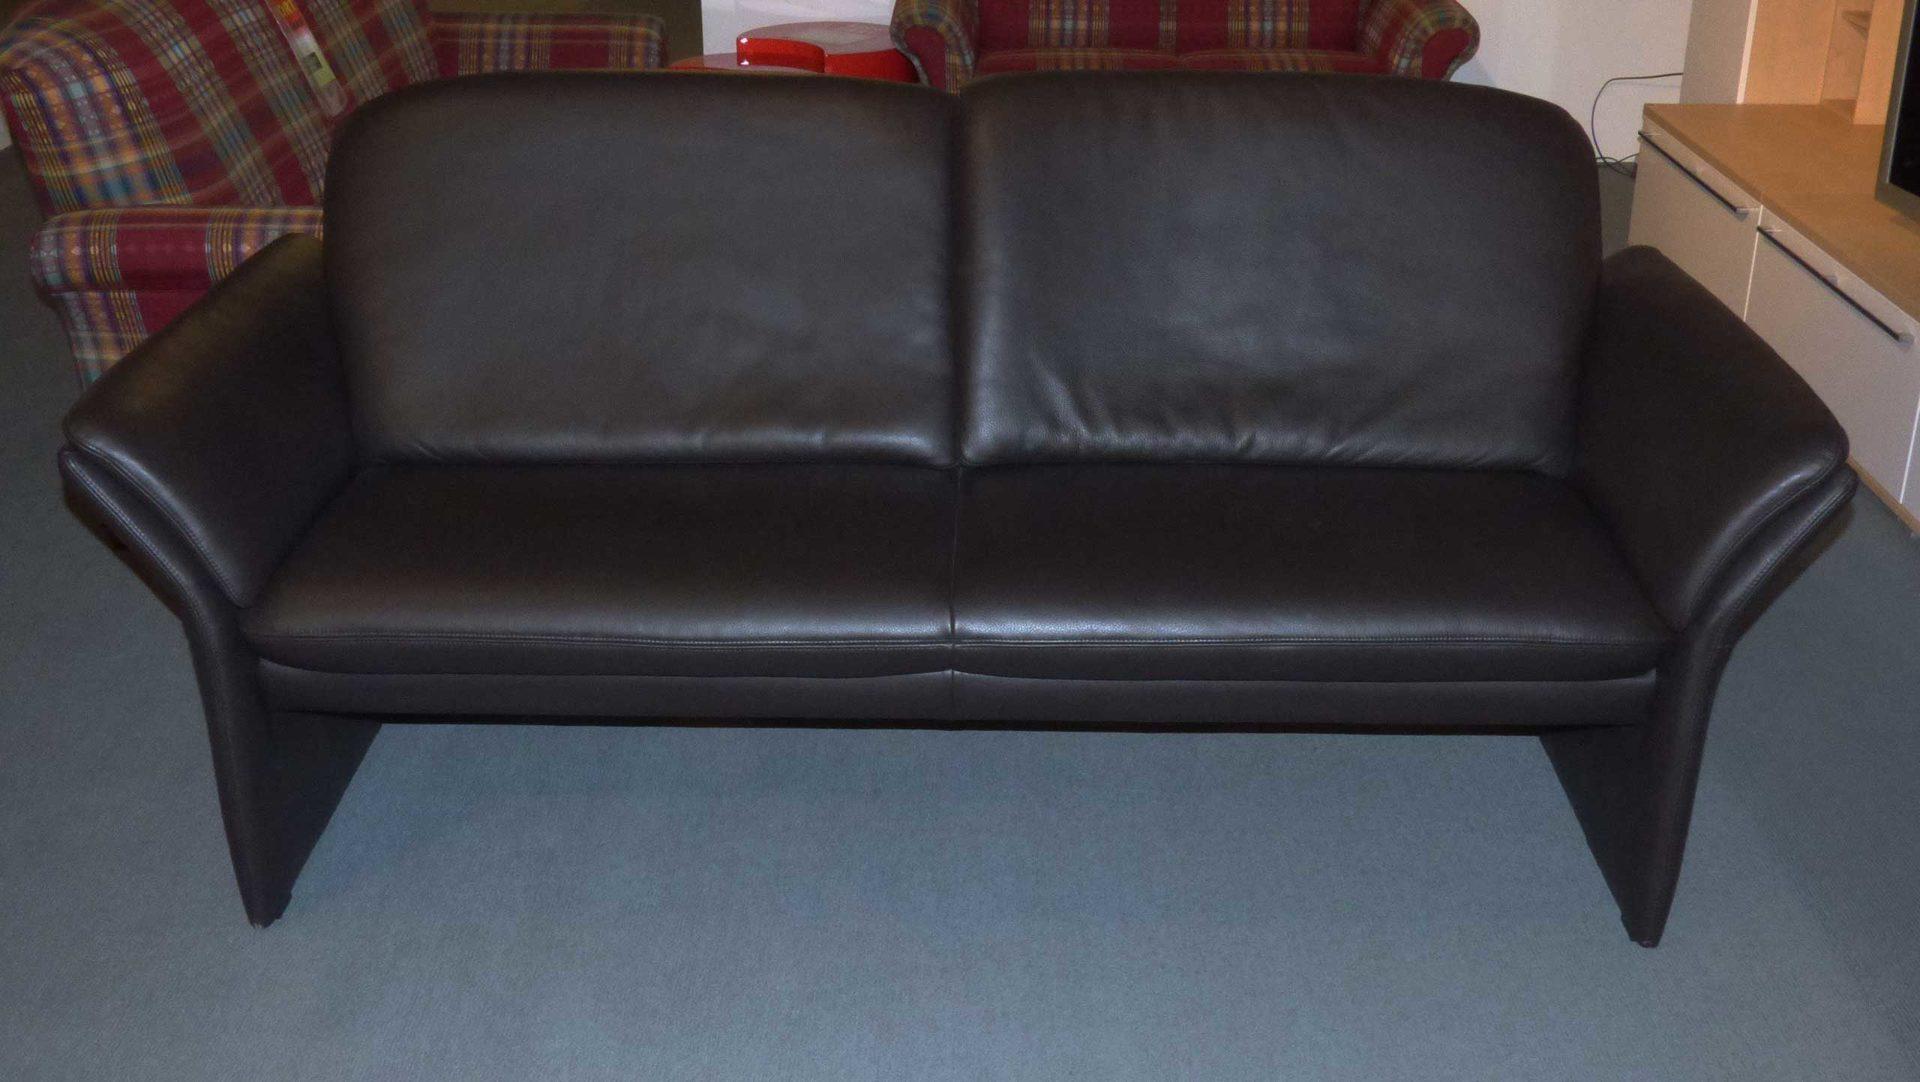 Violetta Couch Sofa 3-Sitzer NOBILE 1401 Dickleder Schwarz Braun ...